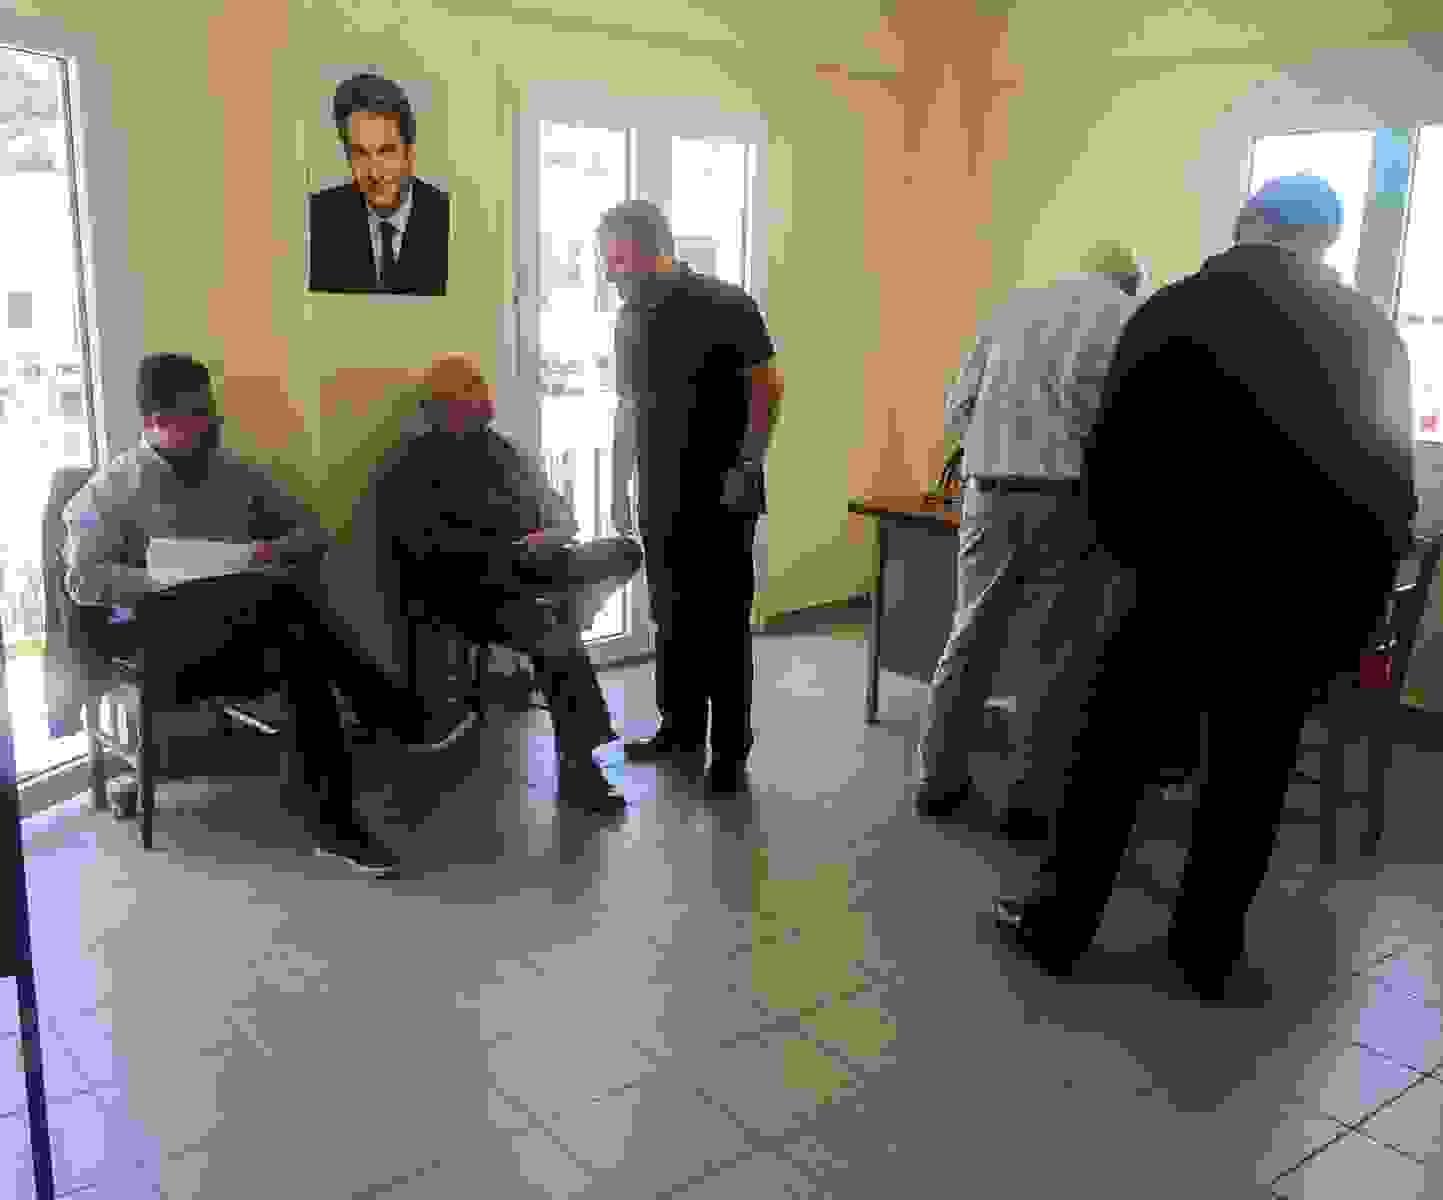 ΕΚΛΟΓΕΣ ΠΡΟΕΔΡΟΥ ΤΟΠΙΚΗΣ ΝΔ: ΕΝΩΤΙΚΟΣ Ο ΧΑΡΑΛΑΜΠΟΣ ΛΥΚΟΥΔΗΣ